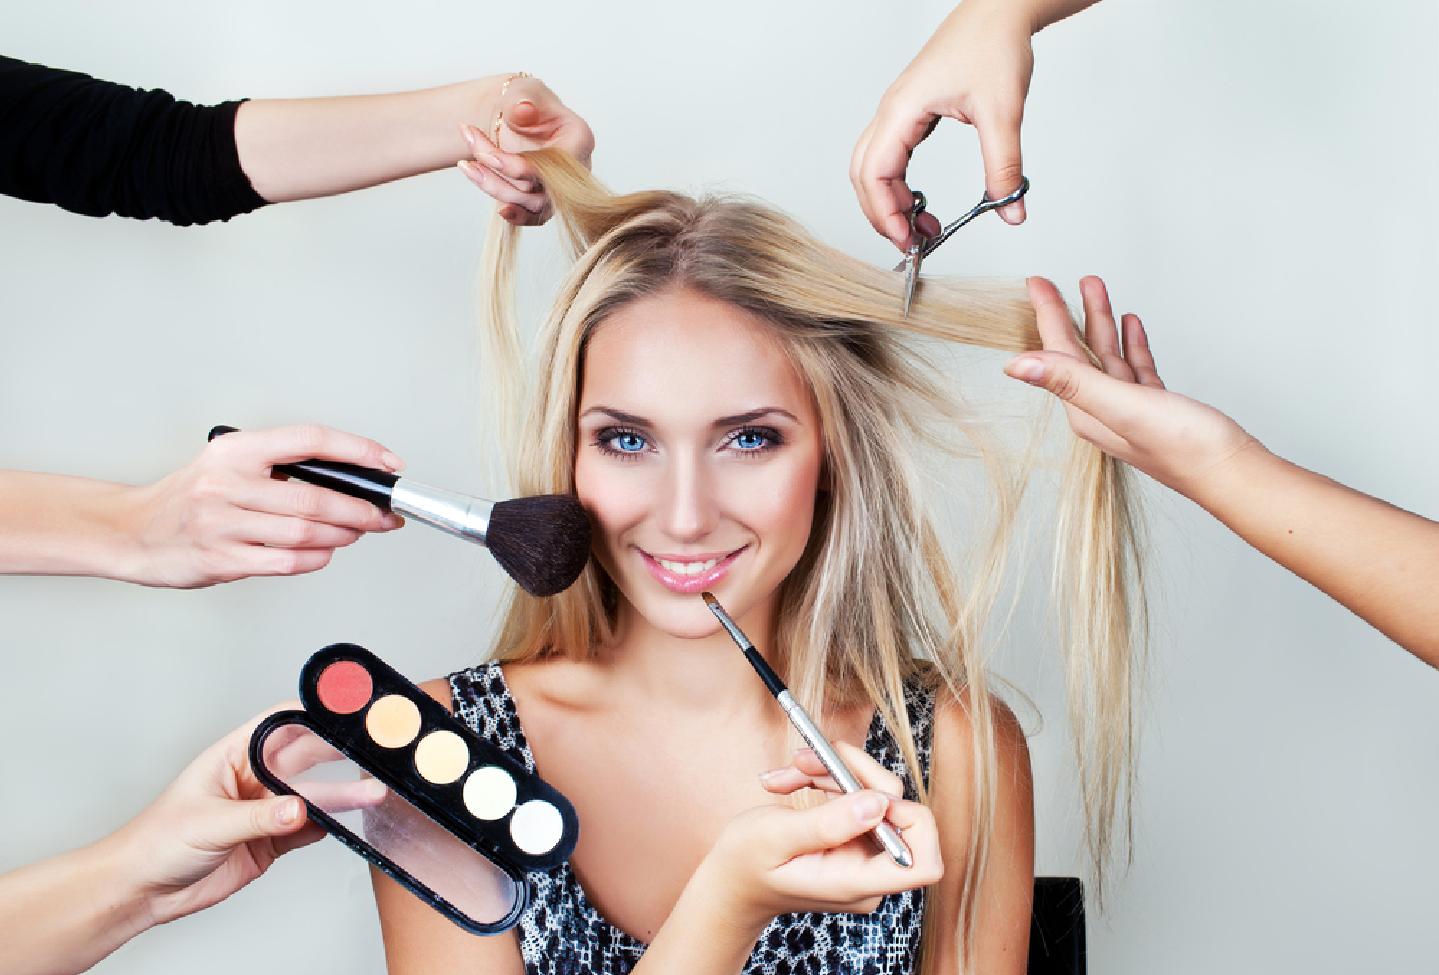 10 snadných triků pro krásu, které musí znát každá žena